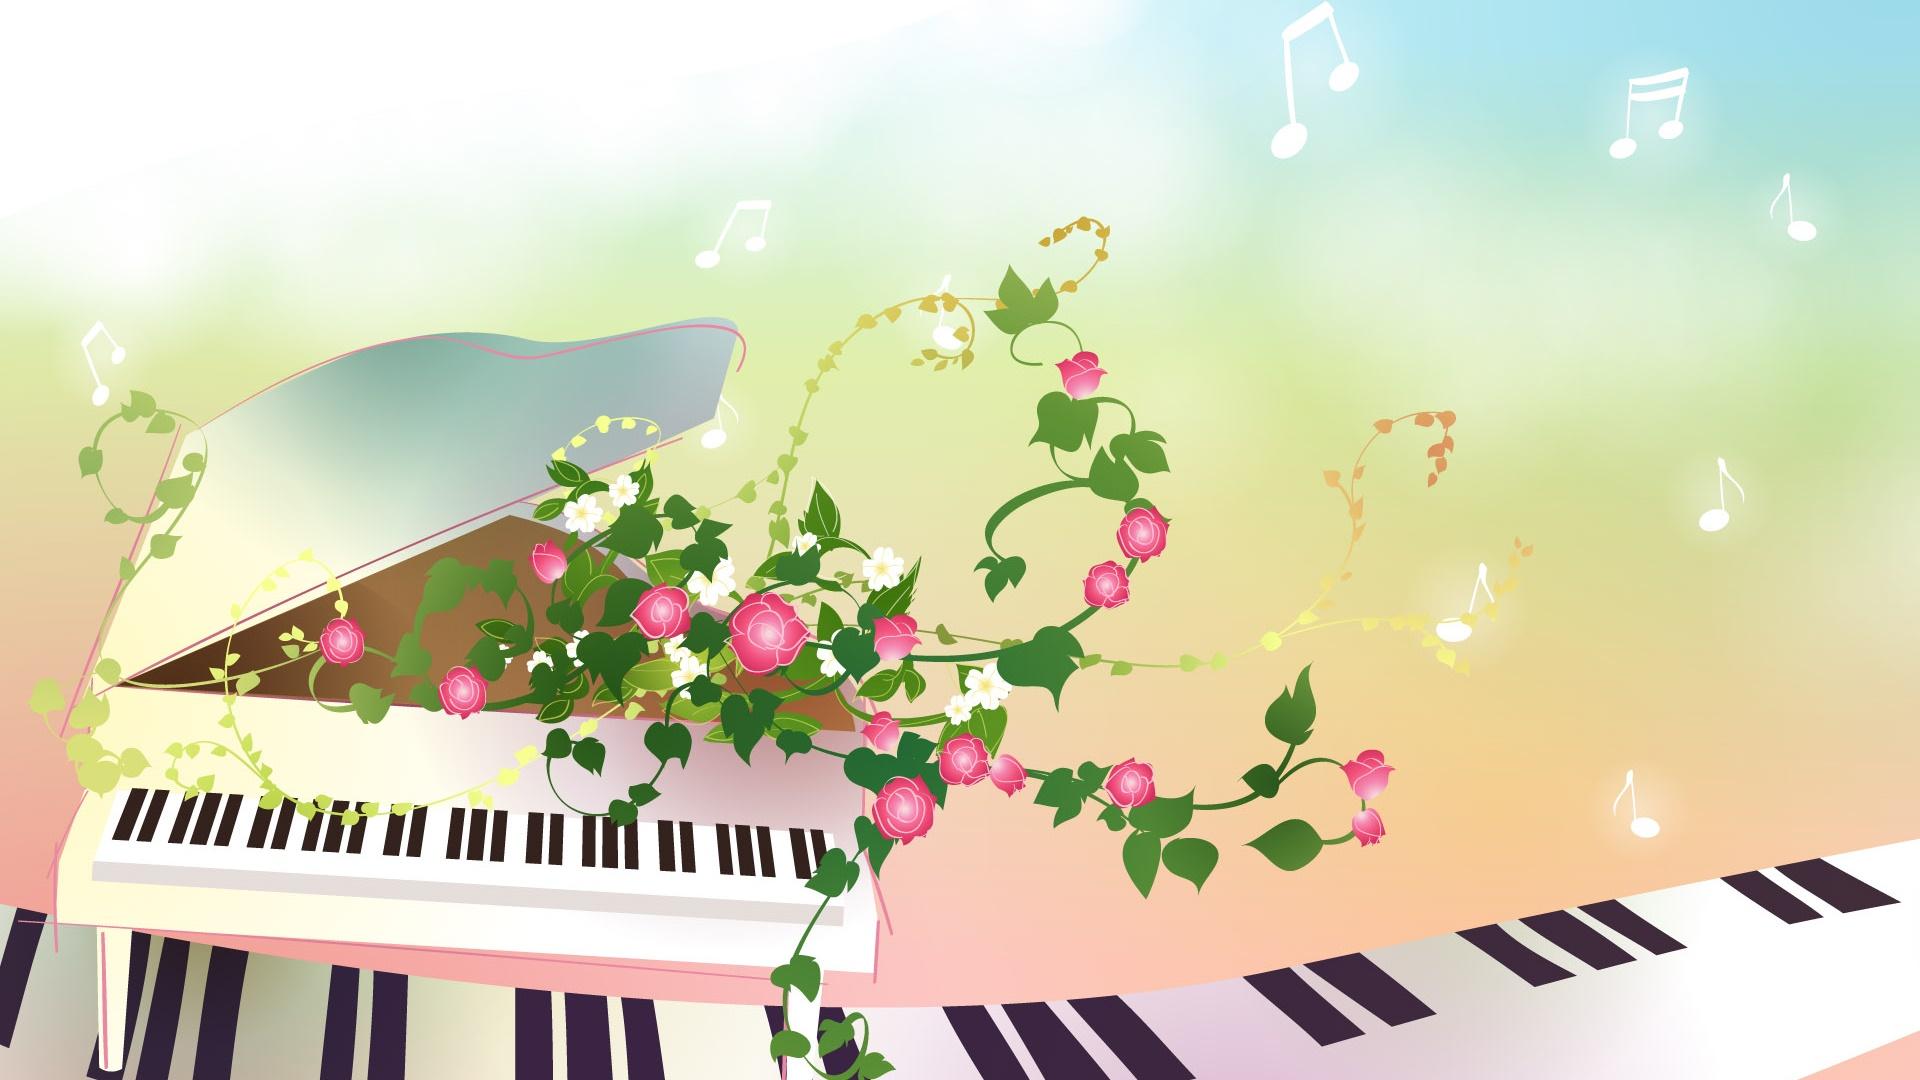 Музыка Для Поздравления скачать музыку бесплатно и слушать 73